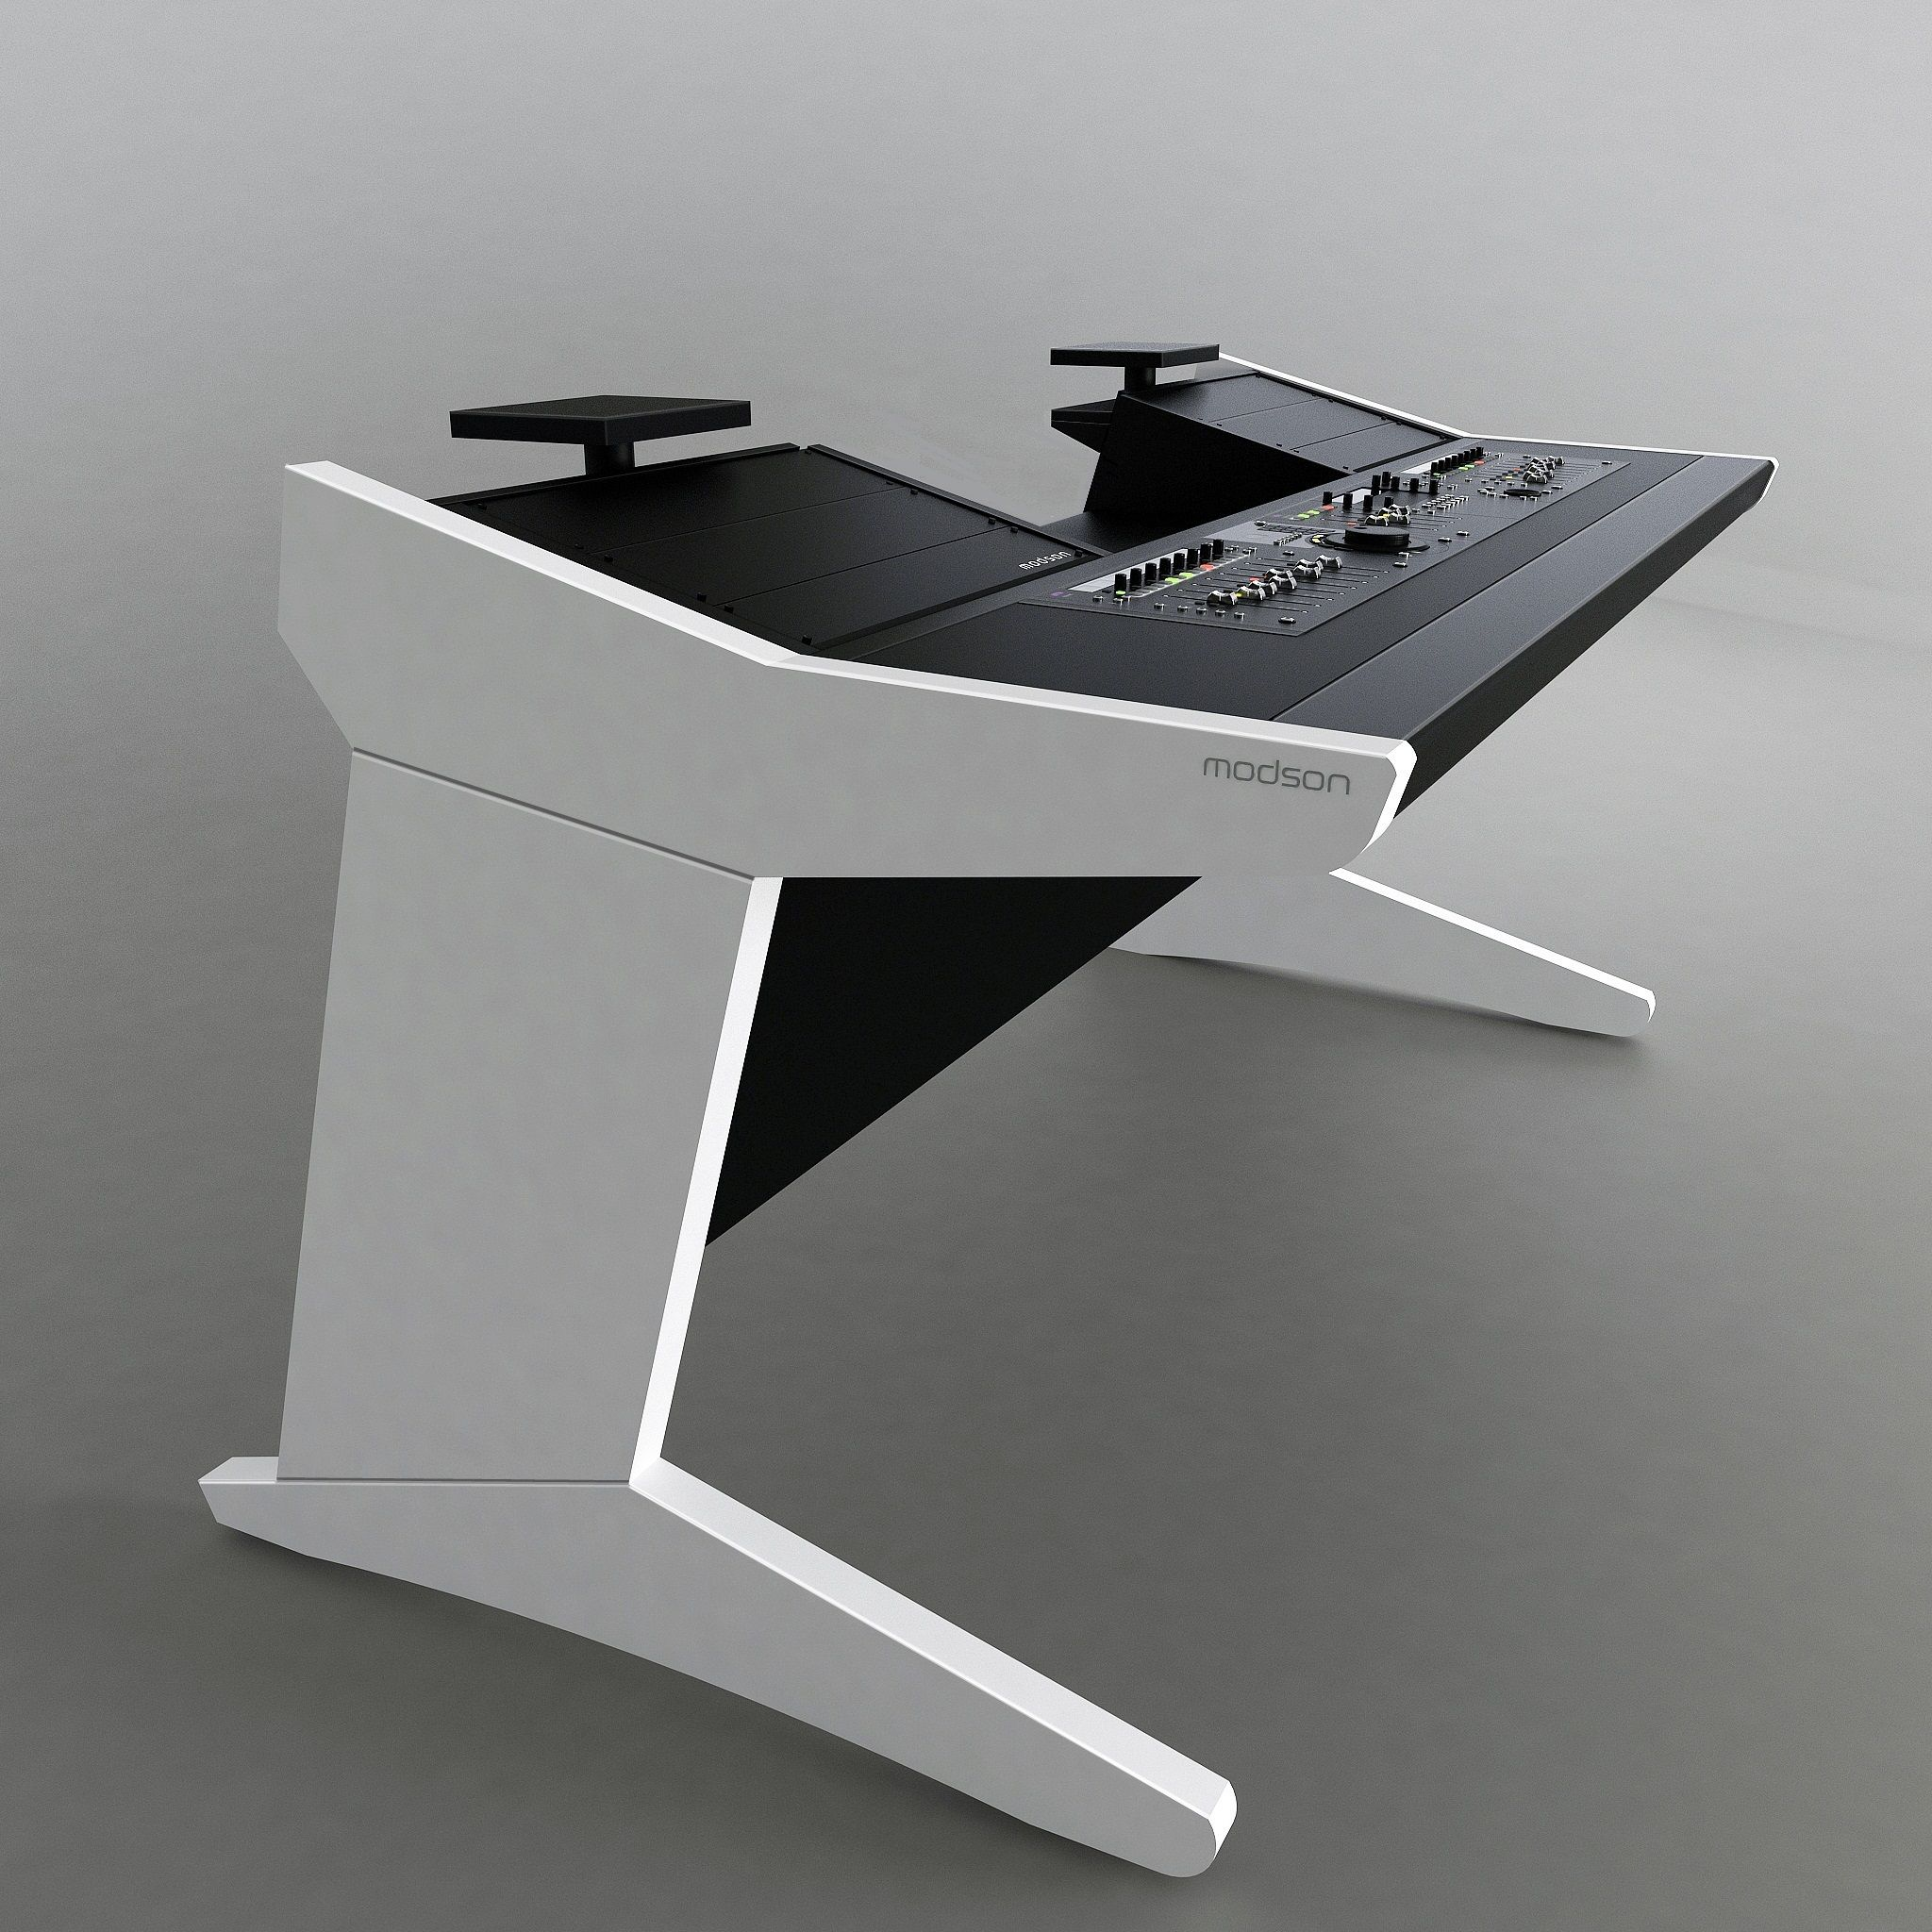 modson xplore 2 0 meuble studio d enregistrement meuble pour studio de